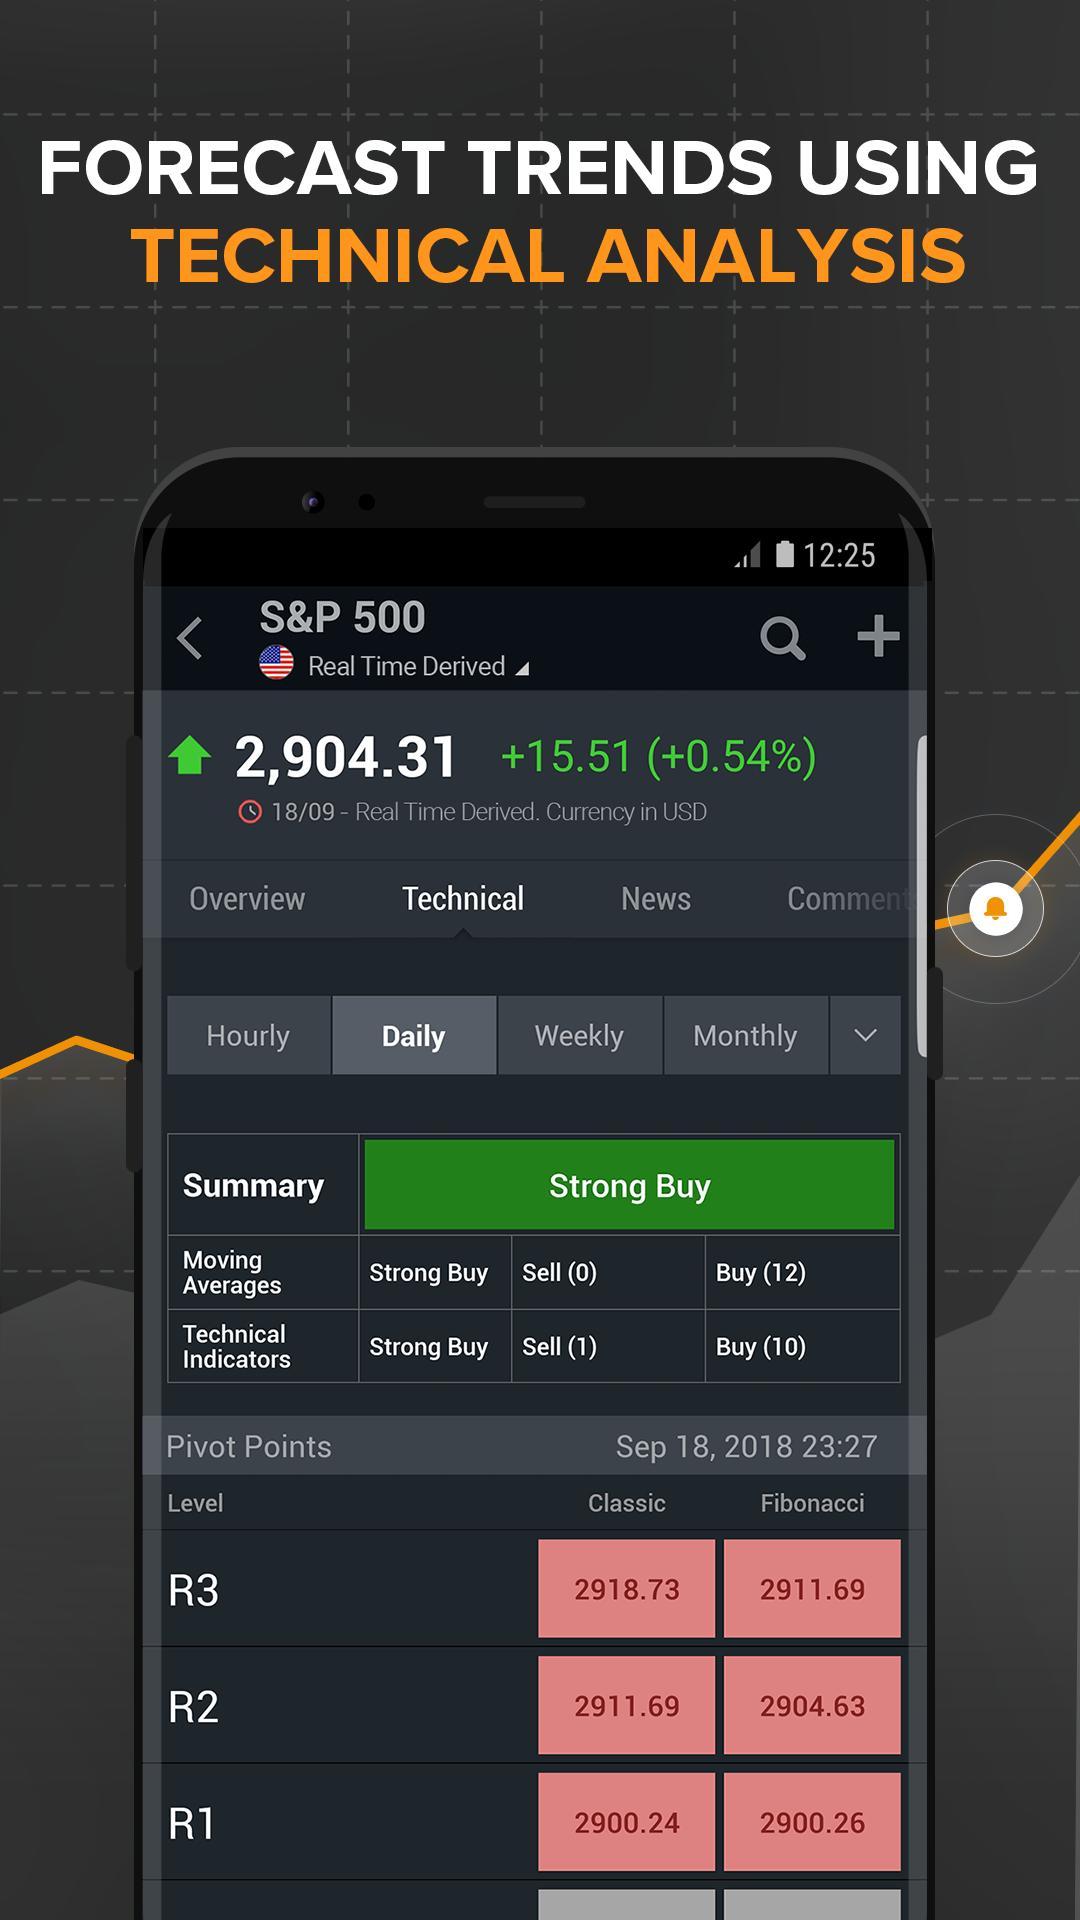 Investingcom Calendario.Investing Com Stocks Finance Markets News For Android